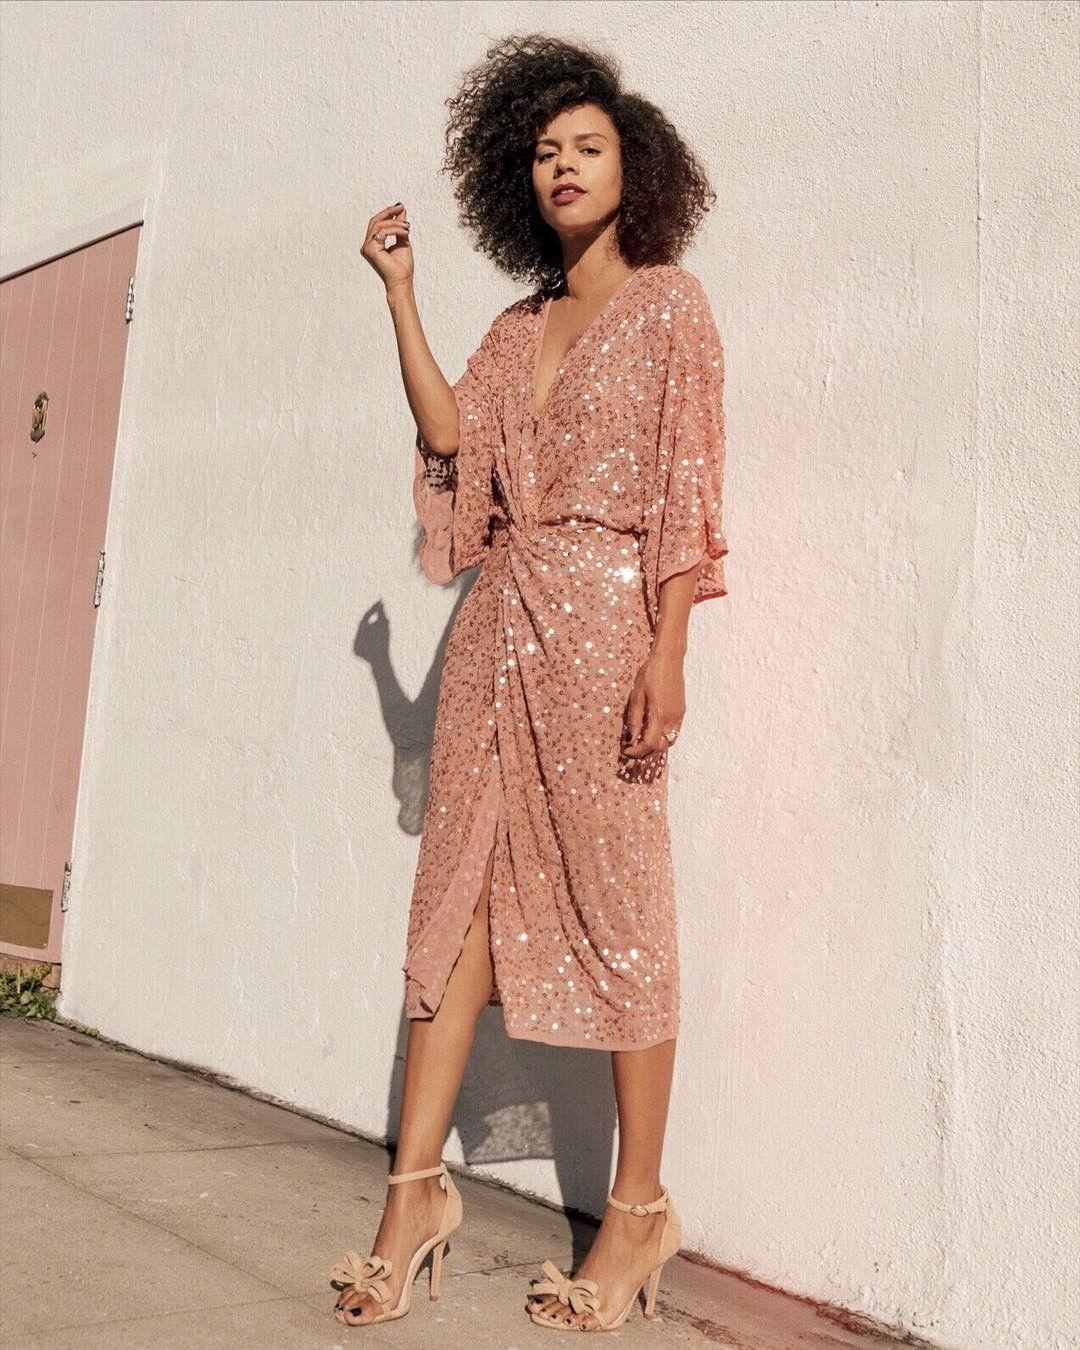 dress sequin dress wrap dress midi dress pink dress high heel sandals